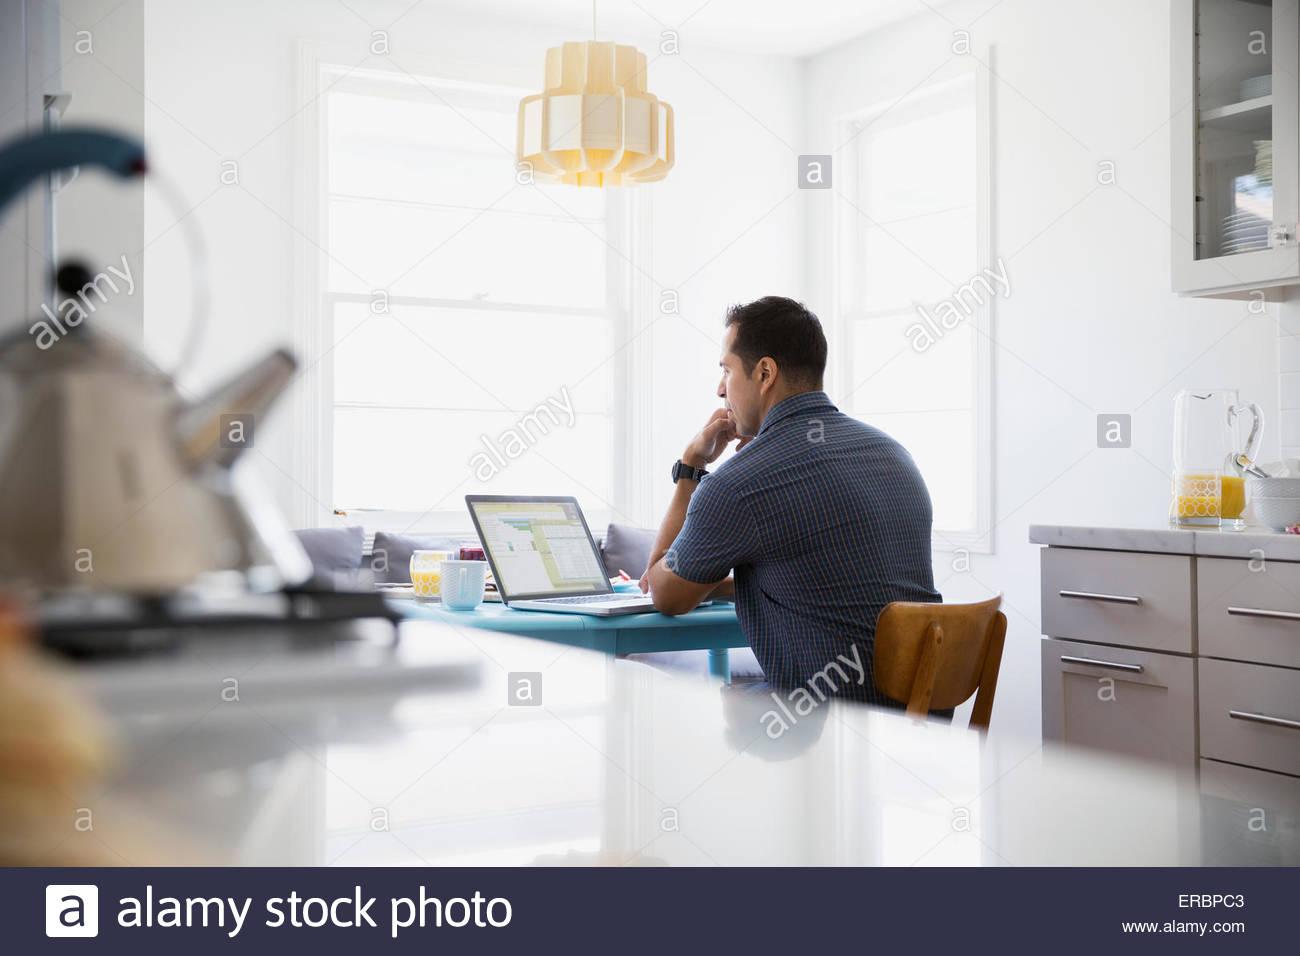 Ernster Brünette Mann mit Laptop am Küchentisch Stockfoto